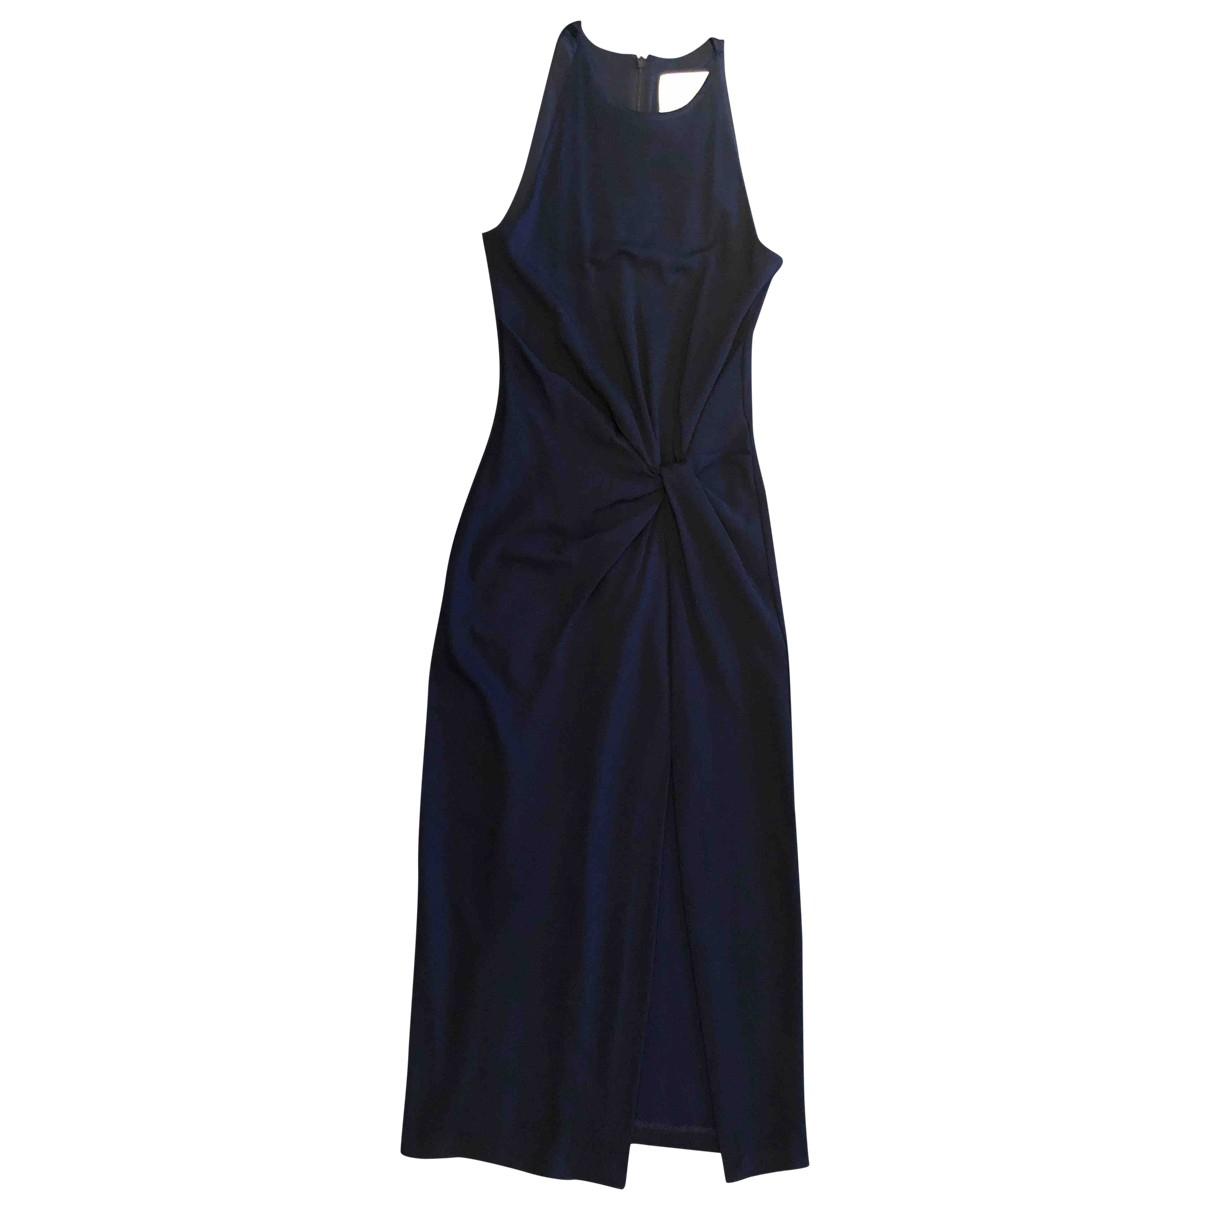 Dion Lee \N Kleid in  Blau Viskose